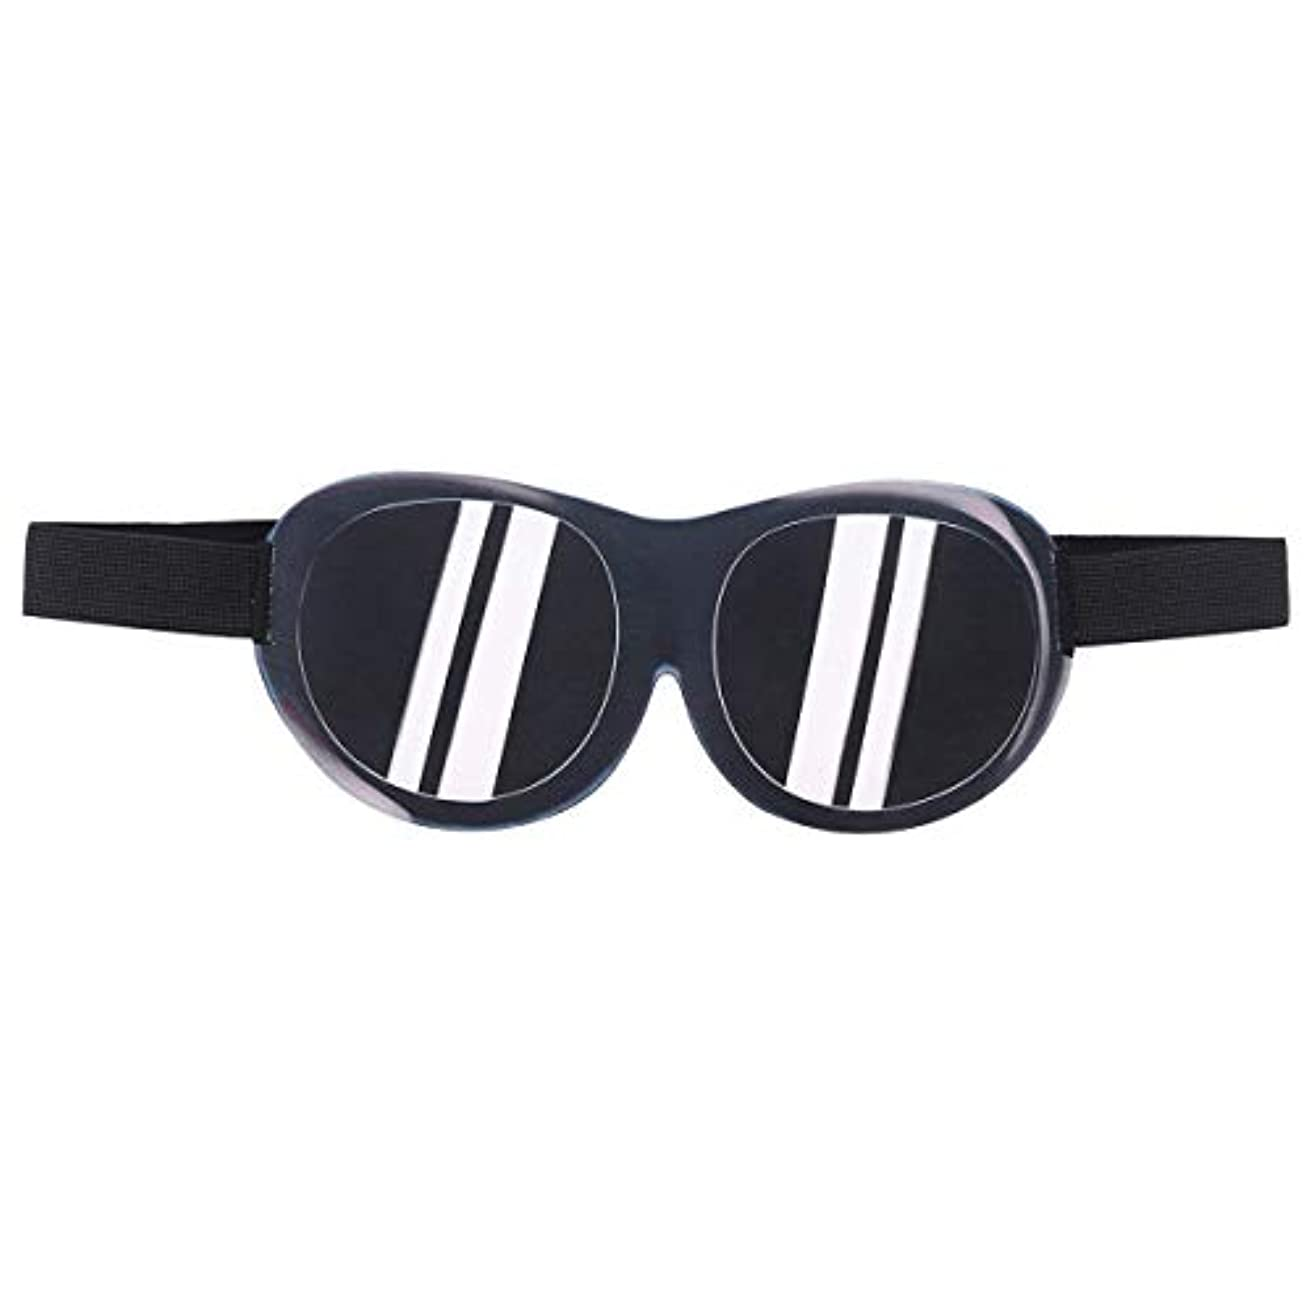 Healifty 3D面白いアイシェード睡眠マスク旅行アイマスク目隠し睡眠ヘルパーアイシェード男性女性旅行昼寝と深い睡眠(サングラスを装ったふりをする)